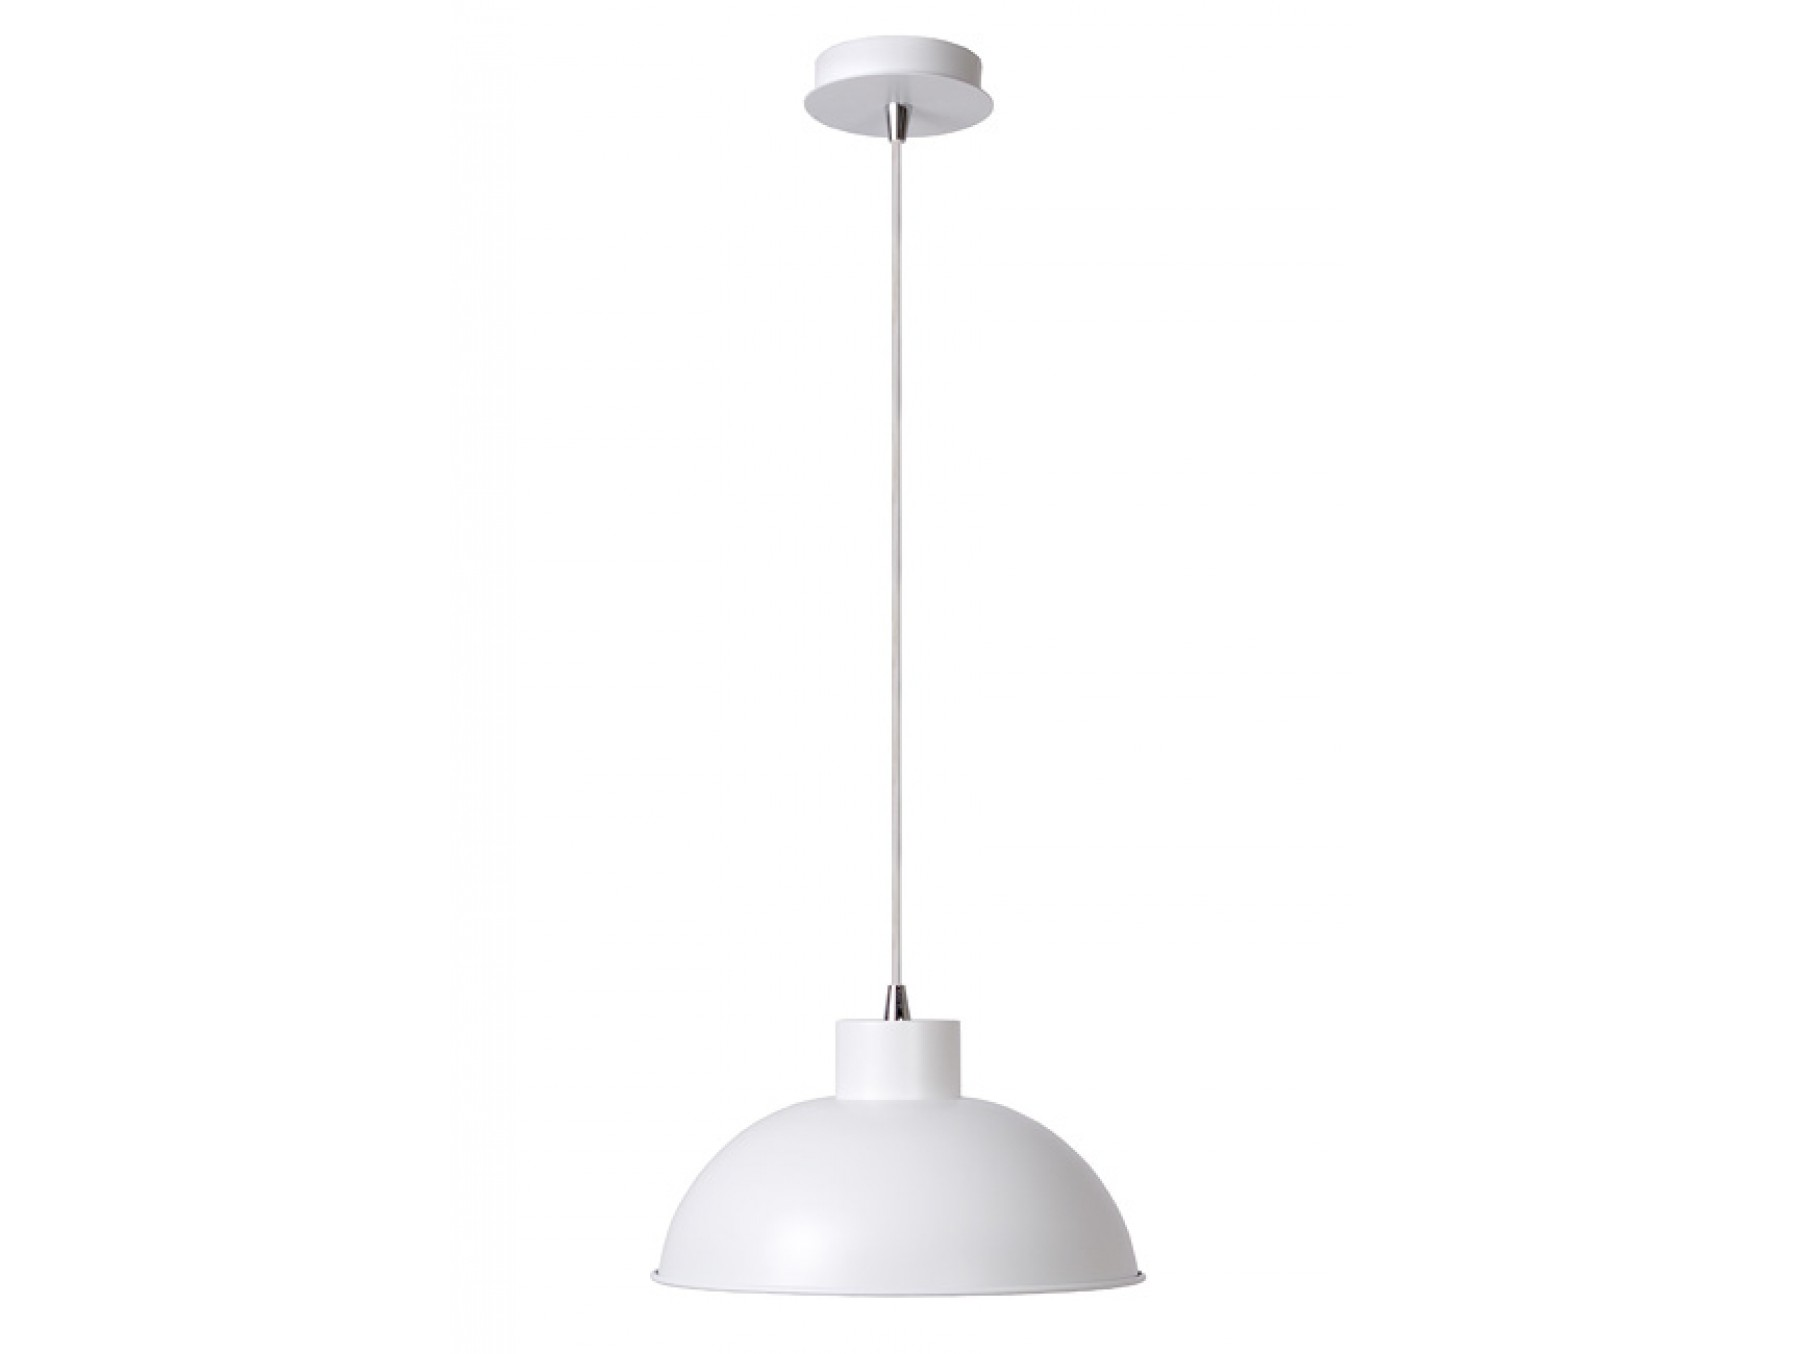 Подвесной светильник BORISПодвесные светильники<br>основание: металл&amp;lt;div&amp;gt;плафон: металл/белый&amp;lt;/div&amp;gt;&amp;lt;div&amp;gt;диаметр: 30 см&amp;lt;/div&amp;gt;&amp;lt;div&amp;gt;высота: 130 см&amp;lt;/div&amp;gt;&amp;lt;div&amp;gt;Е27, 60W, 1 лампочка (в комплект не входит)<br>&amp;lt;/div&amp;gt;<br><br>Material: Металл<br>Height см: 130<br>Diameter см: 30